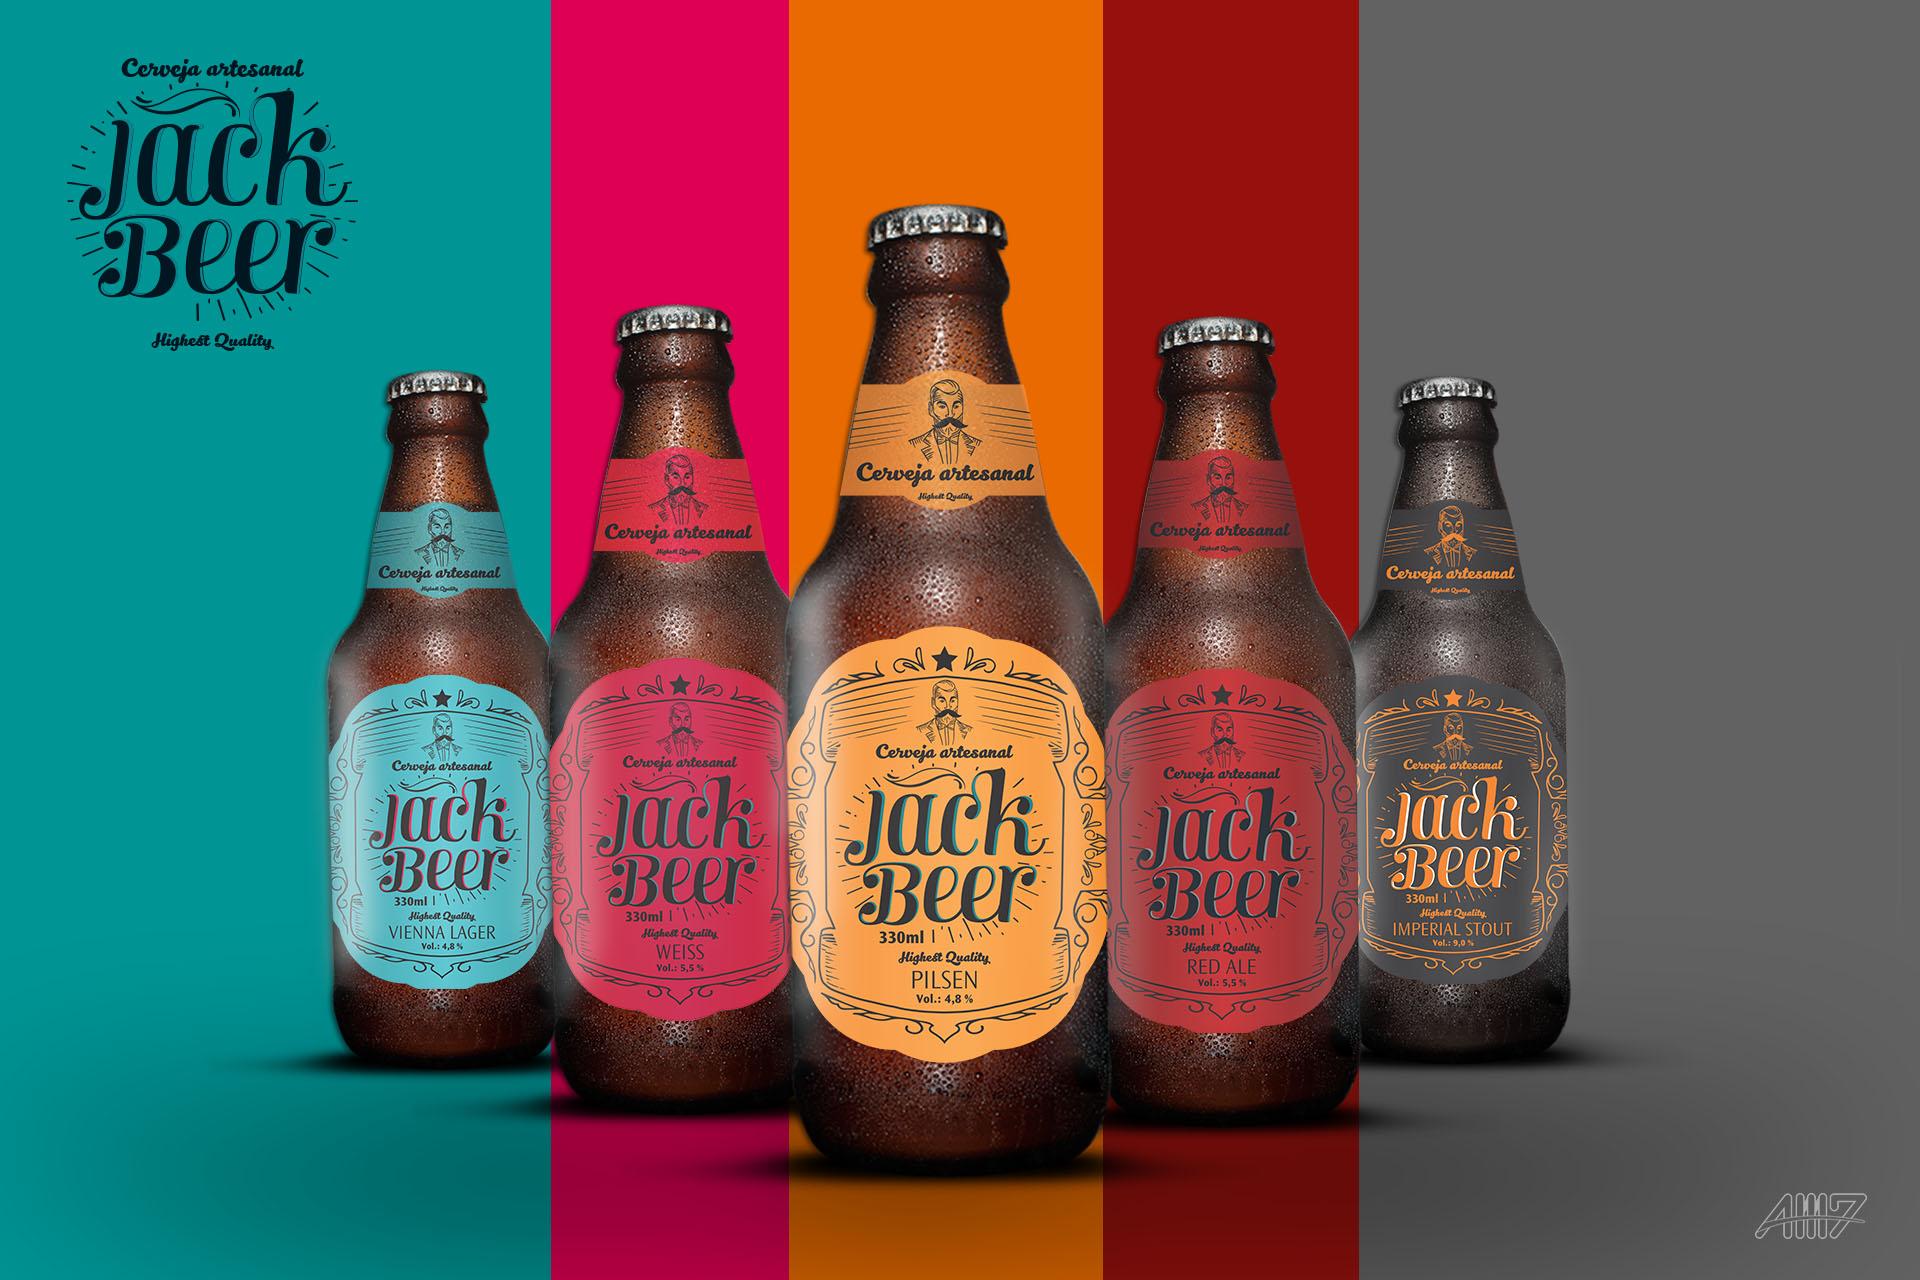 Mockup Jack Beer_todas juntas_2